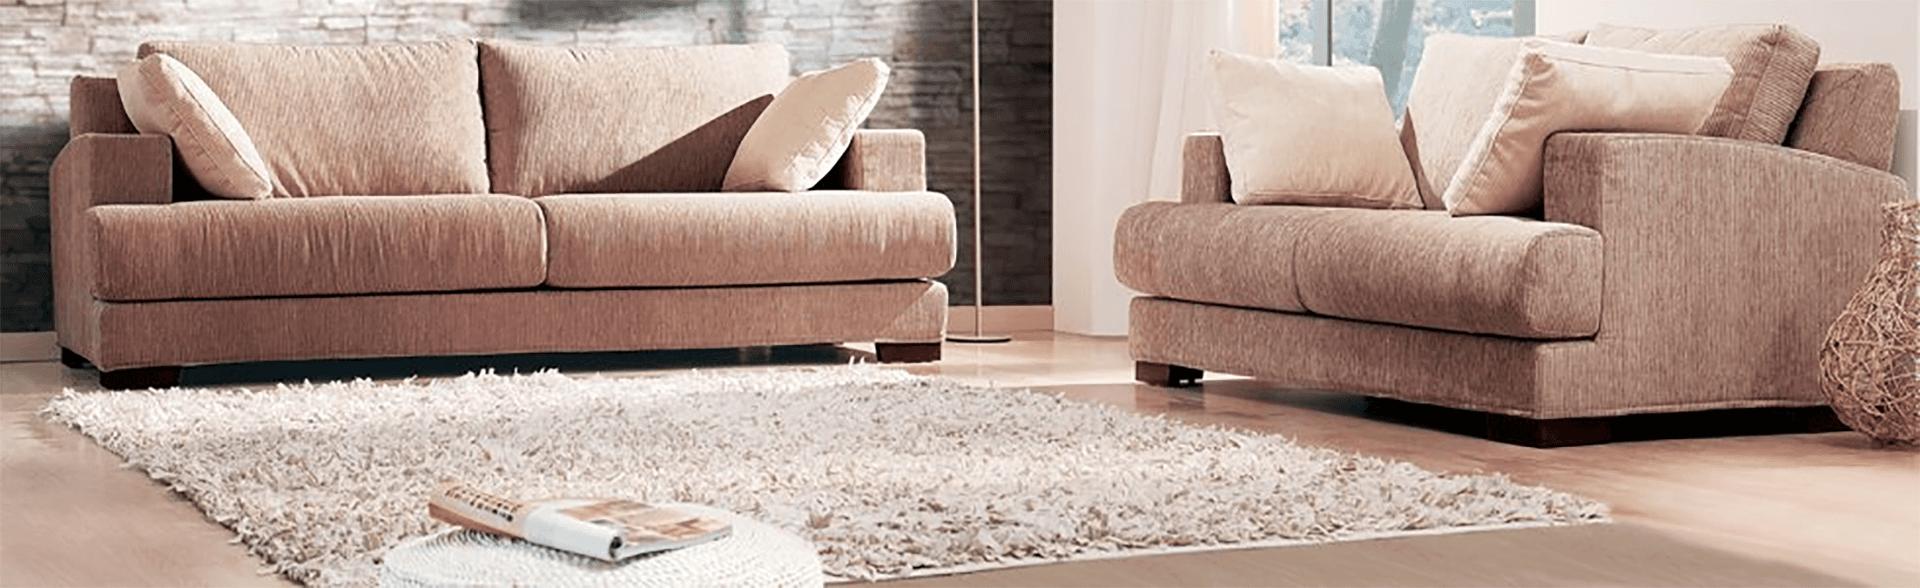 designer flooring